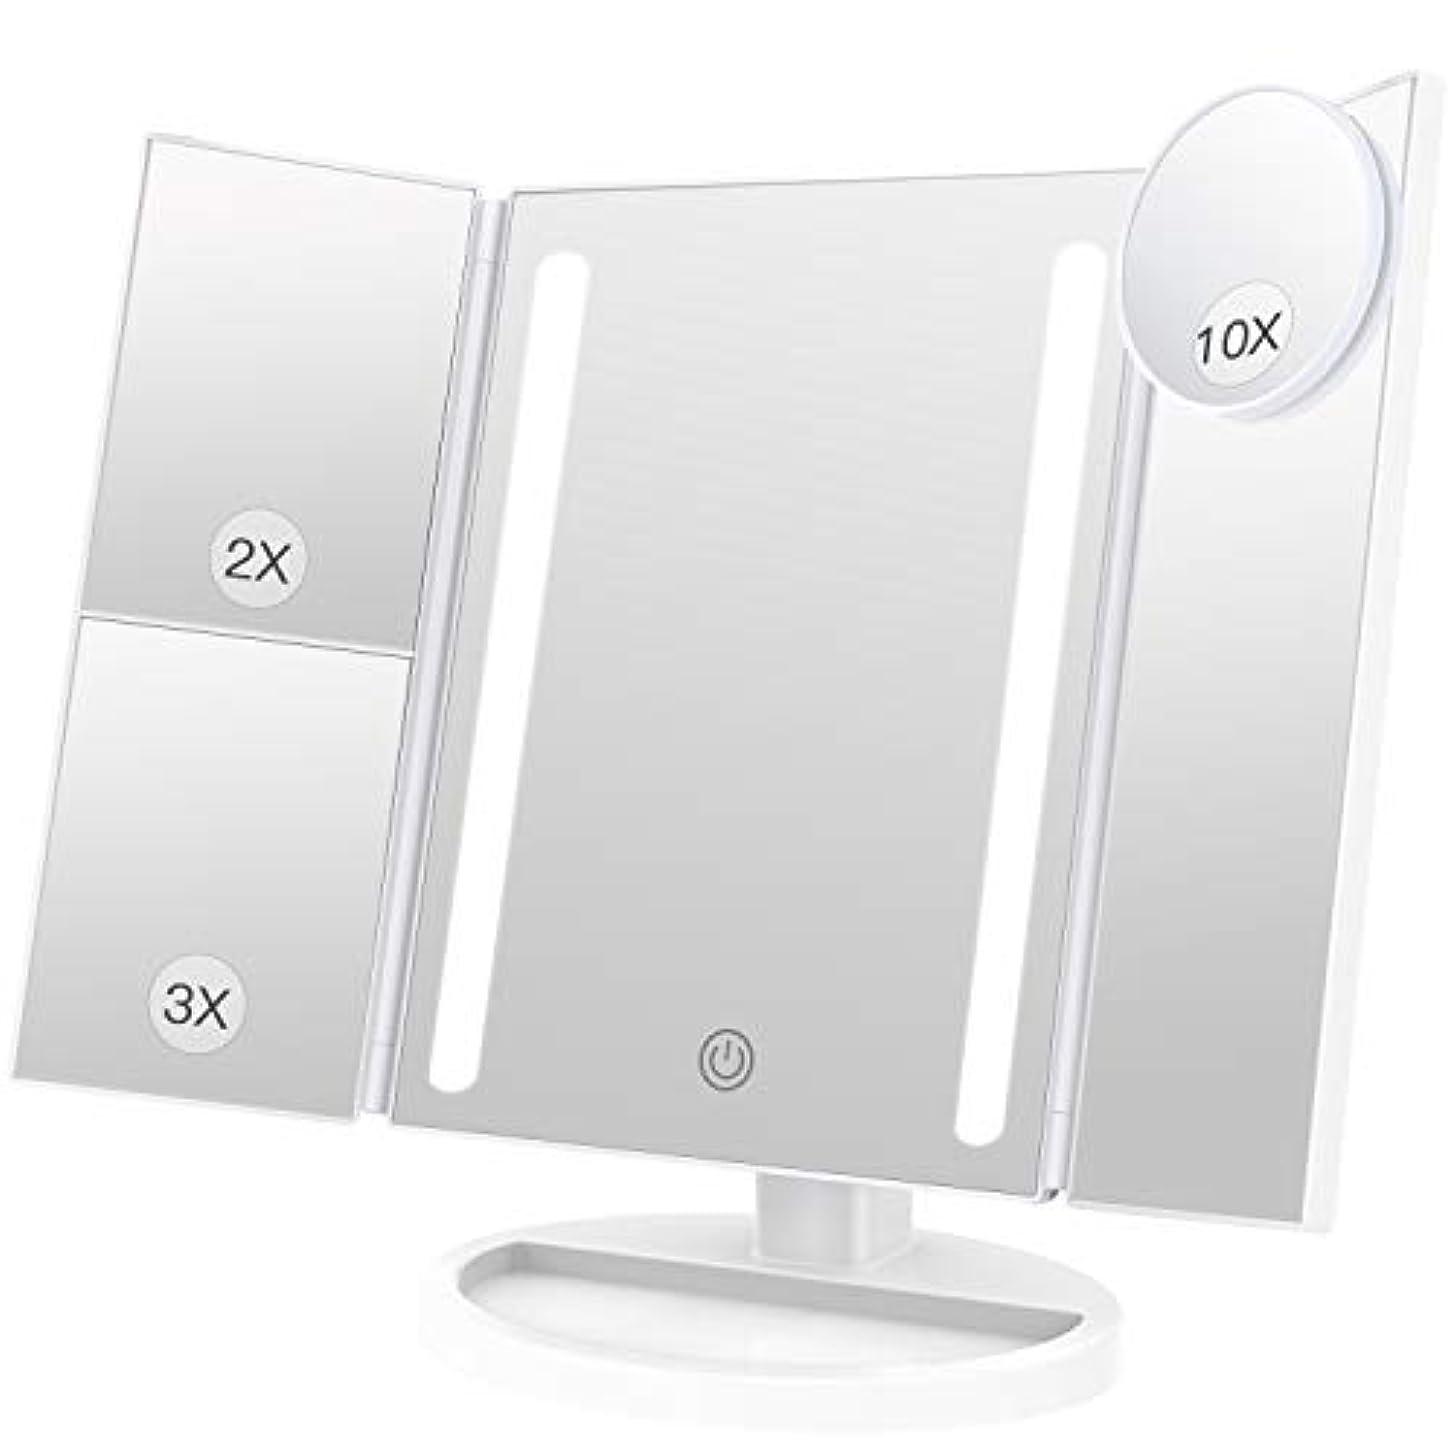 スキップつかいます更新BESTOPE 化粧鏡 卓上鏡 鏡 三面鏡 拡大鏡 卓上 led付き 折りたたみ 2倍&3倍 明るさ調節可能 180°回転 電池&USB 2WAY給電